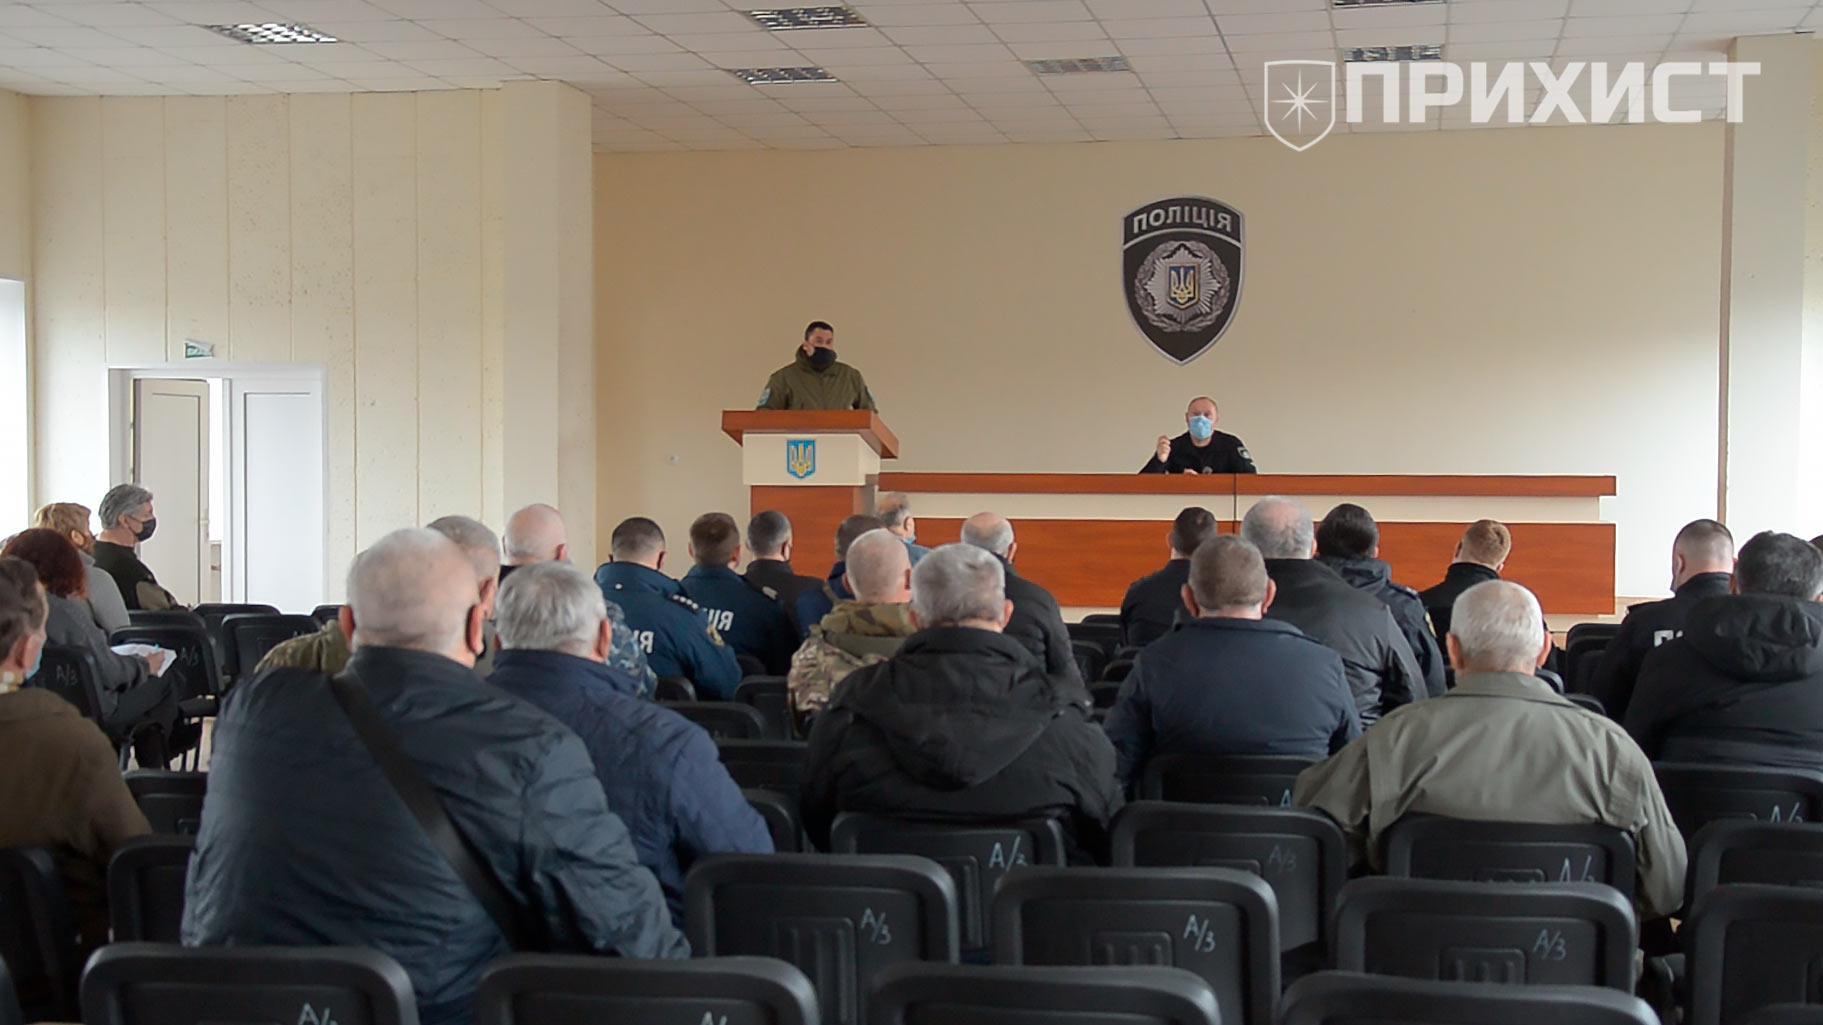 В районном управлении полиции обсудили противодействие незаконной вырубке деревьев | Прихист